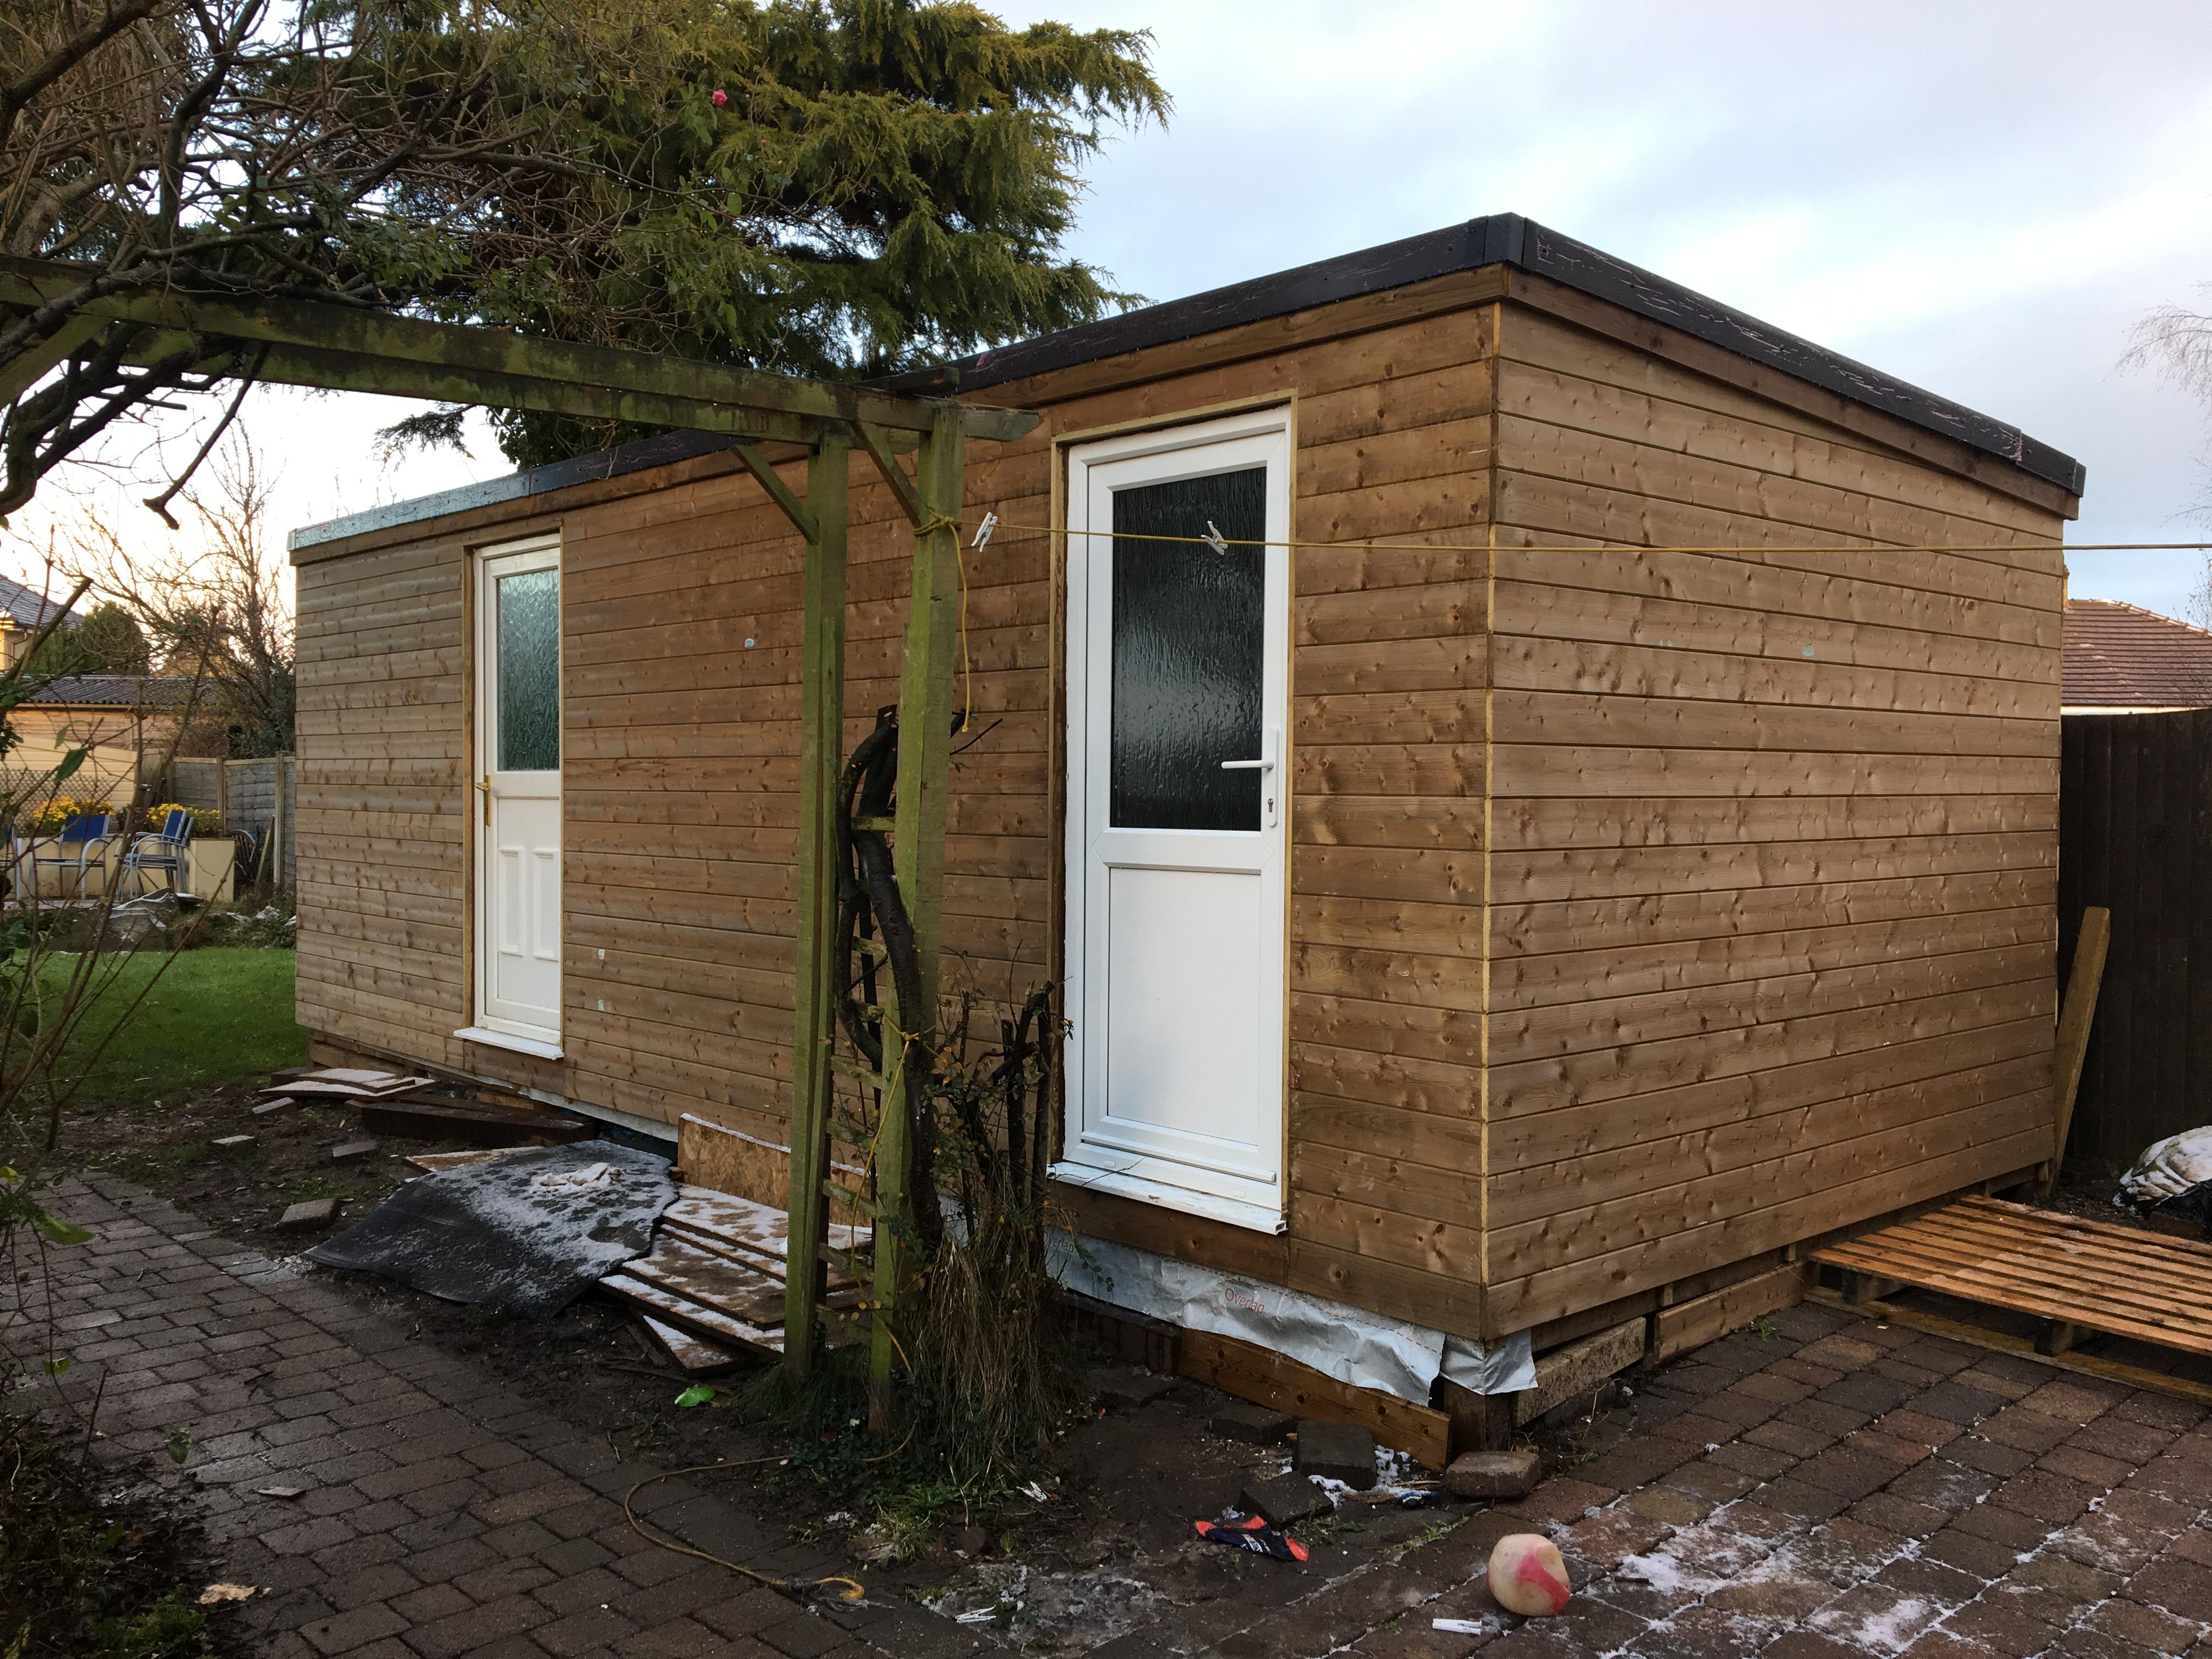 Reptile shed project-5a23d104-6a54-499d-a155-2cd21262510a_1558681668149.jpeg